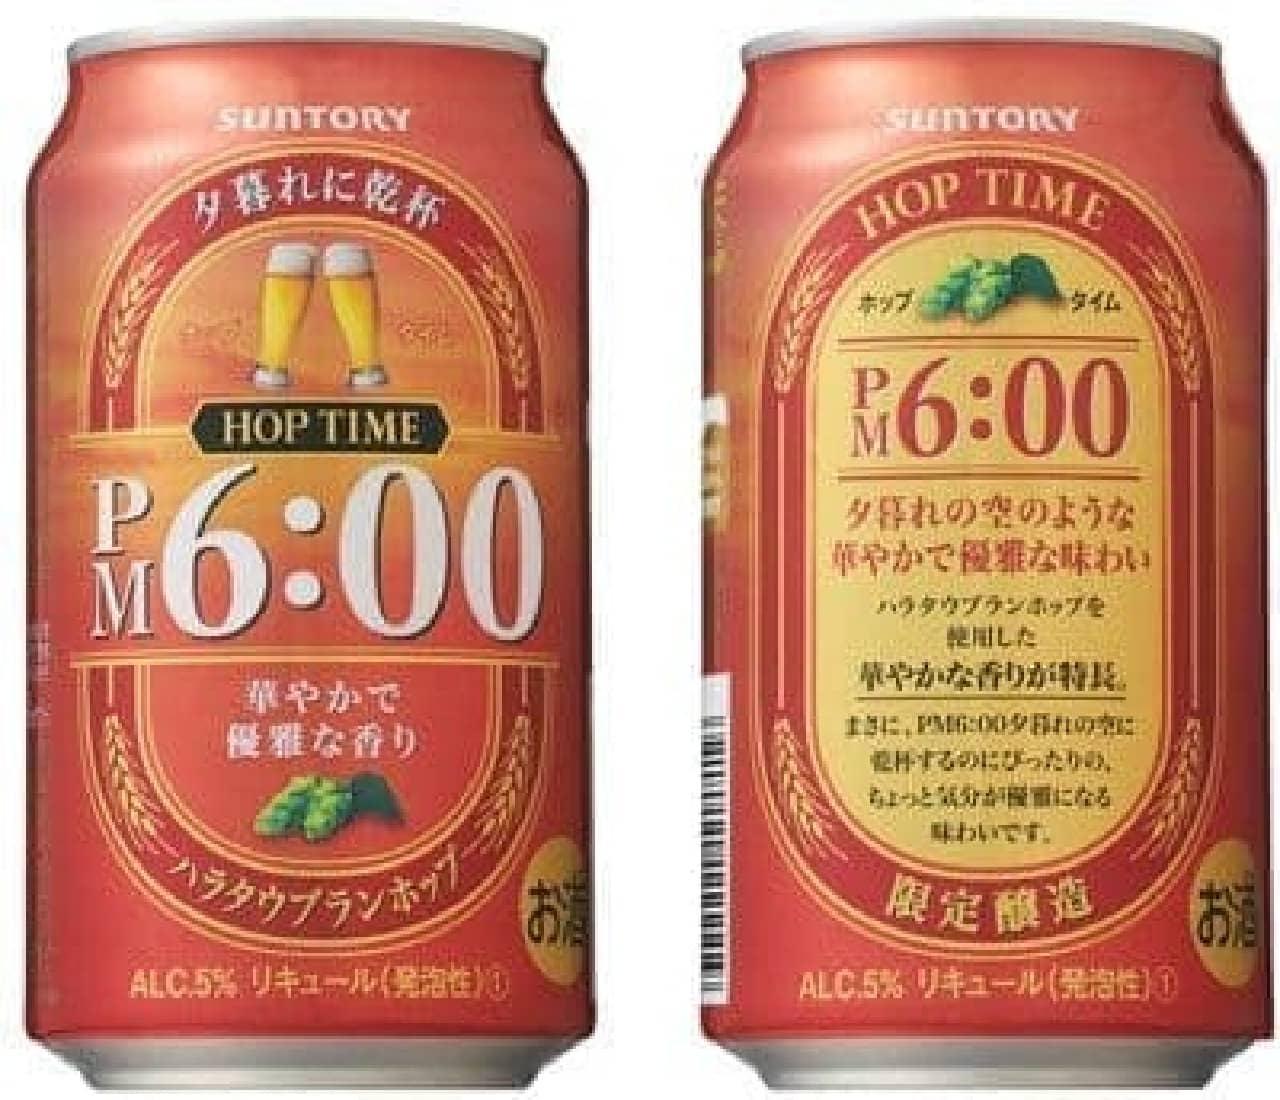 サントリービール「ホップタイム PM6:00」